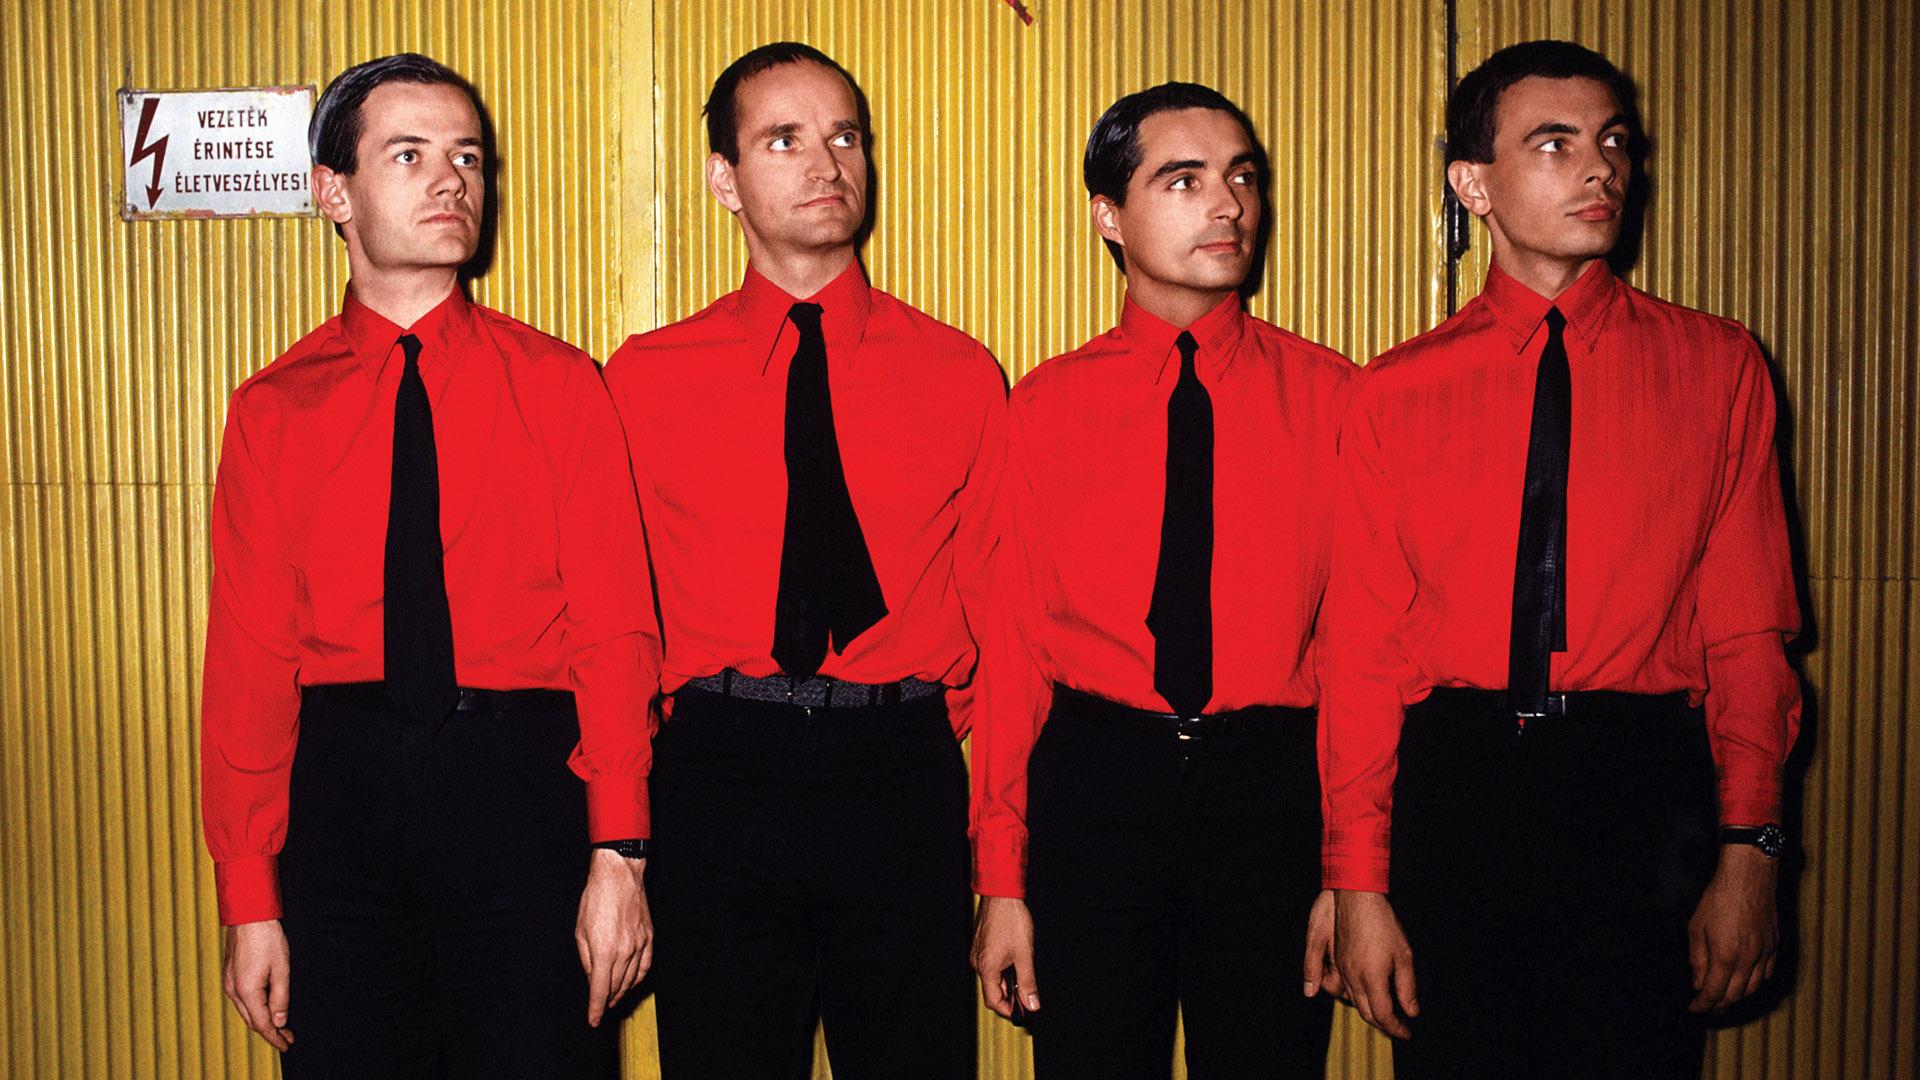 The Model av Kraftwerk